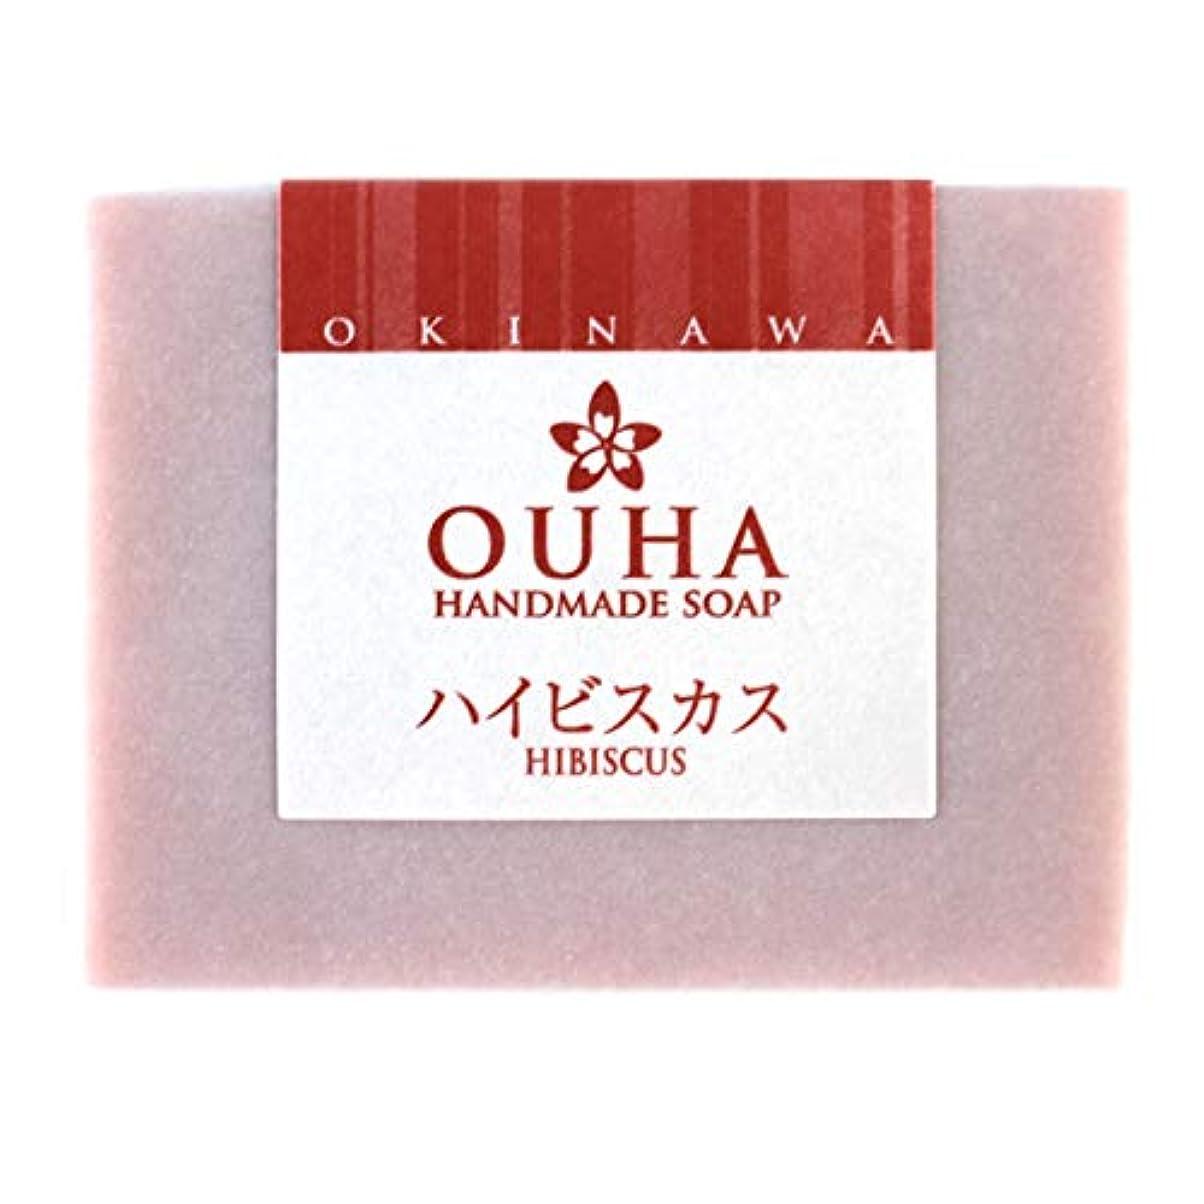 を通して賞賛上陸沖縄手作り洗顔せっけん OUHAソープ ハイビスカス 100g×3個 保湿 ビタミンC